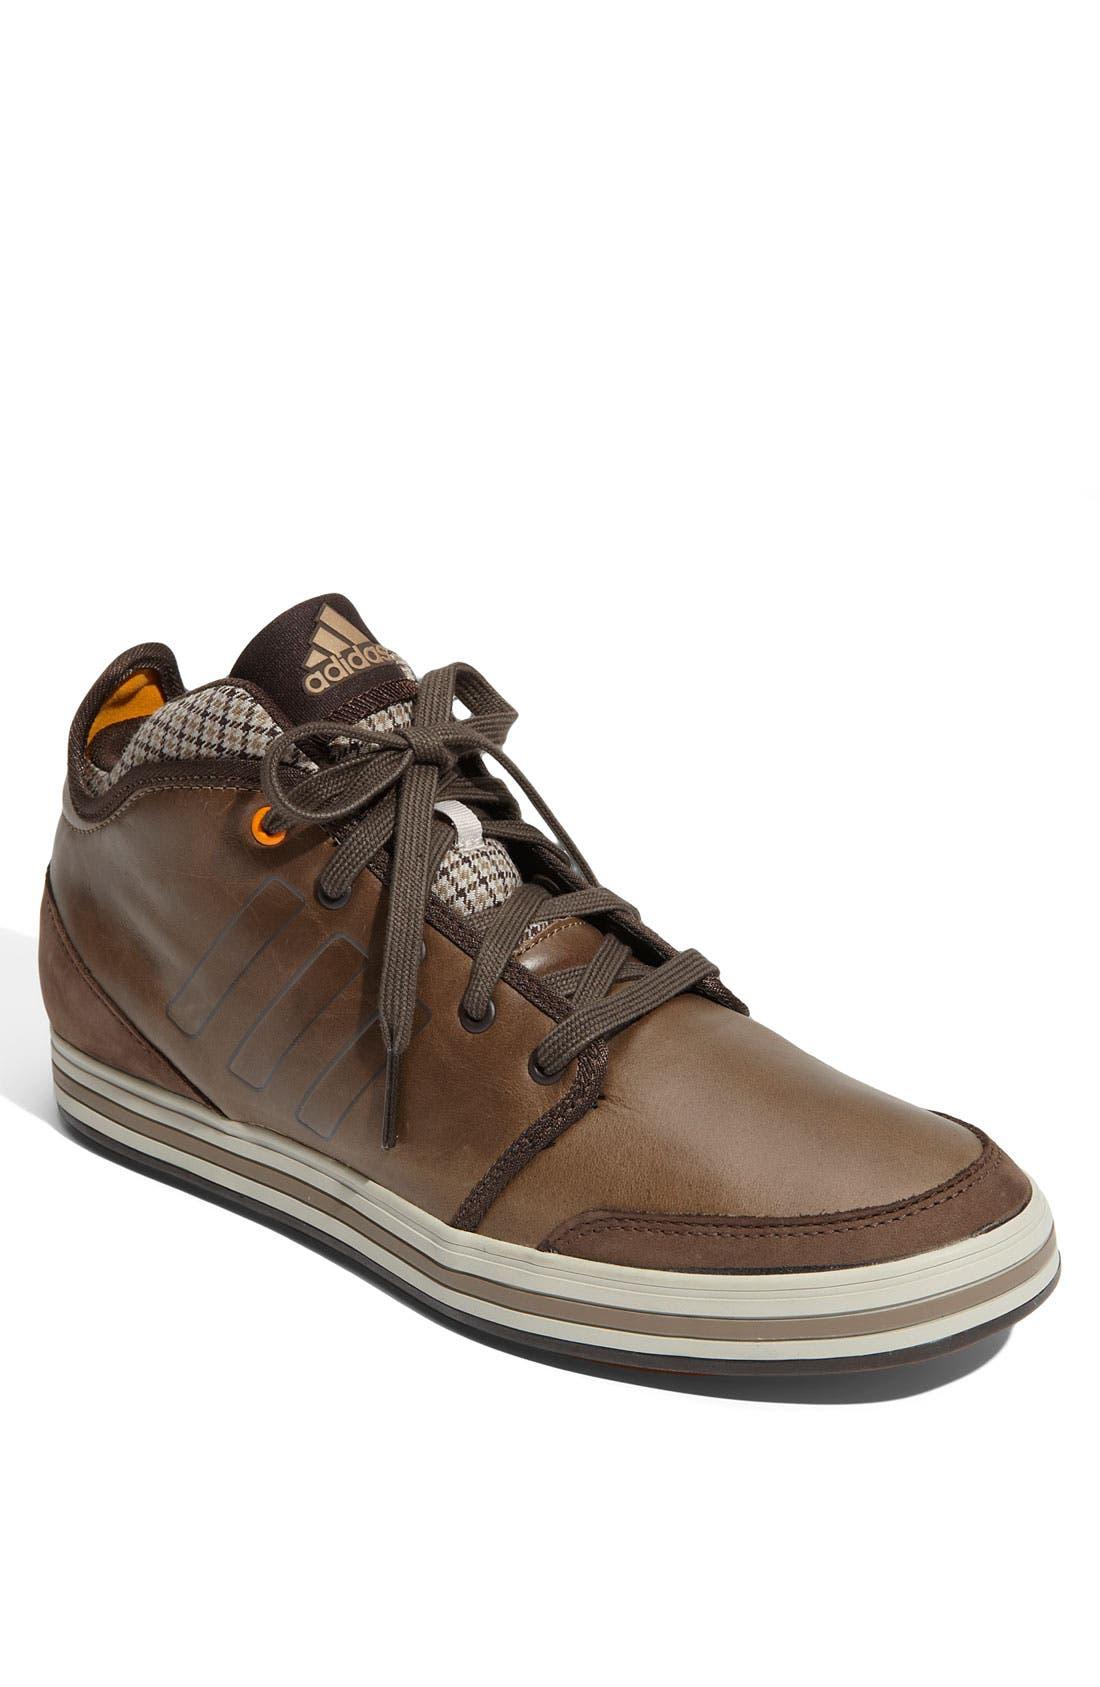 'Zeitfrei Mid' Sneaker,                             Main thumbnail 1, color,                             200